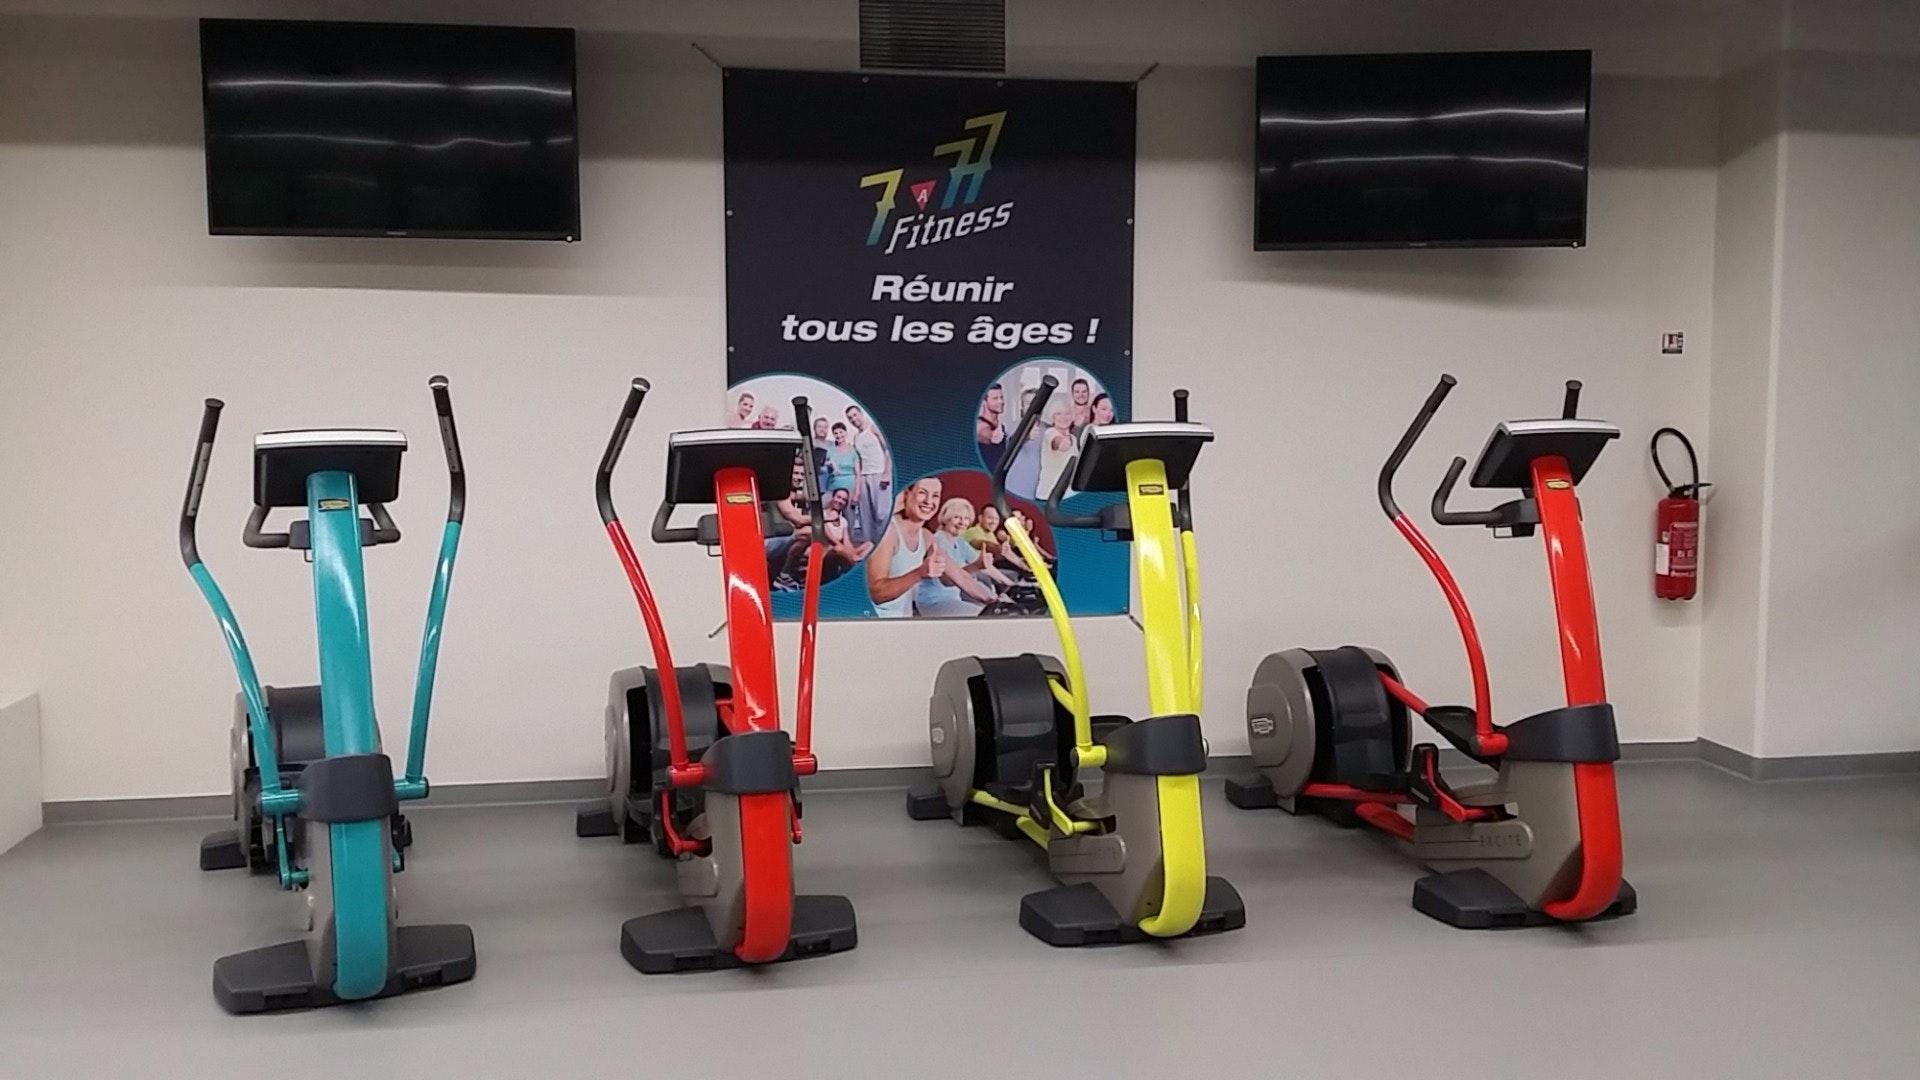 Photo 9 Les meilleurs tarifs  et activités pour le centre 7 à 77 Fitness Arcueil